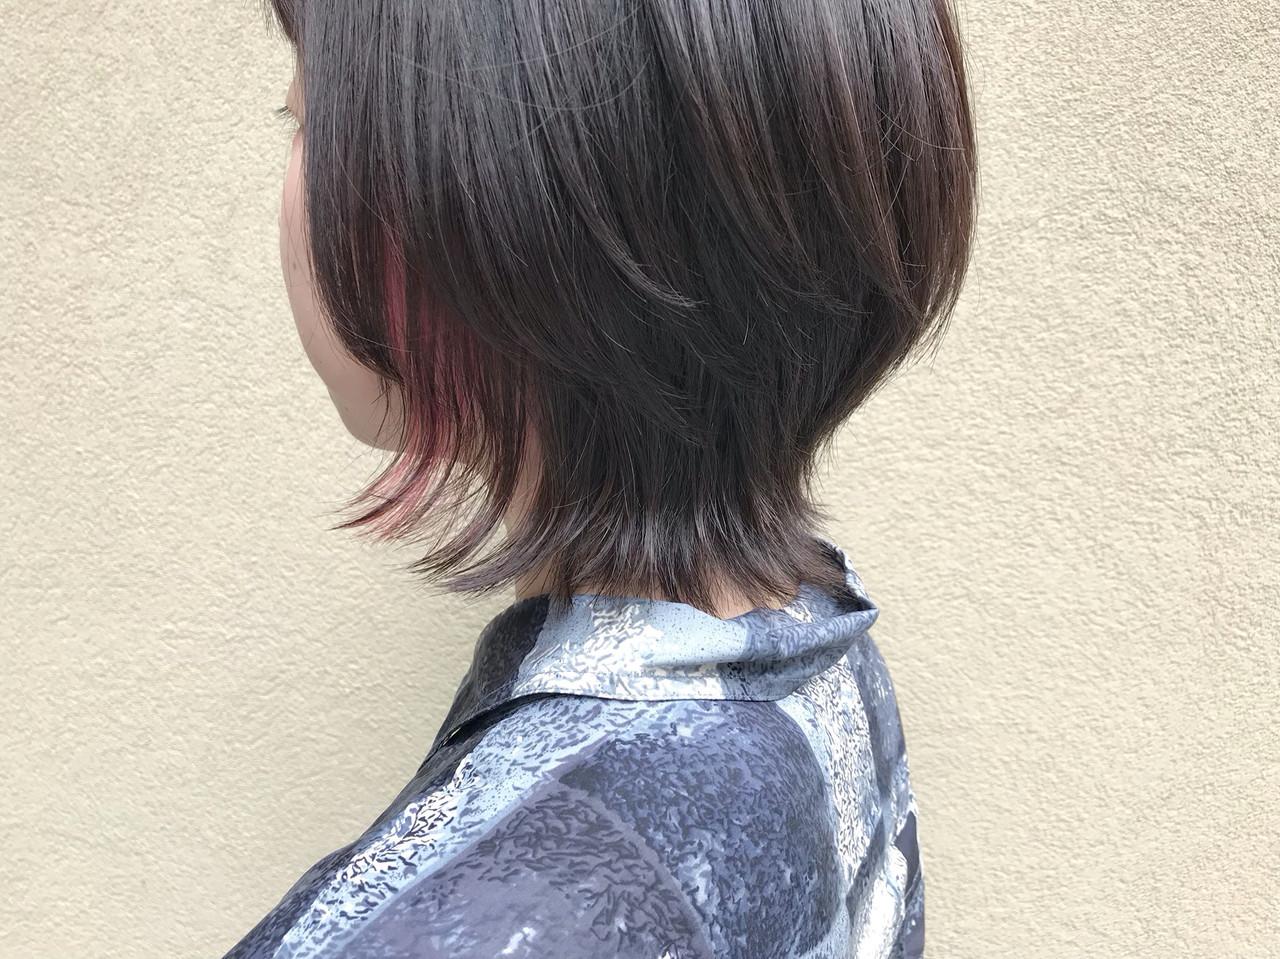 インナーカラー ショート ウルフカット ナチュラル ヘアスタイルや髪型の写真・画像